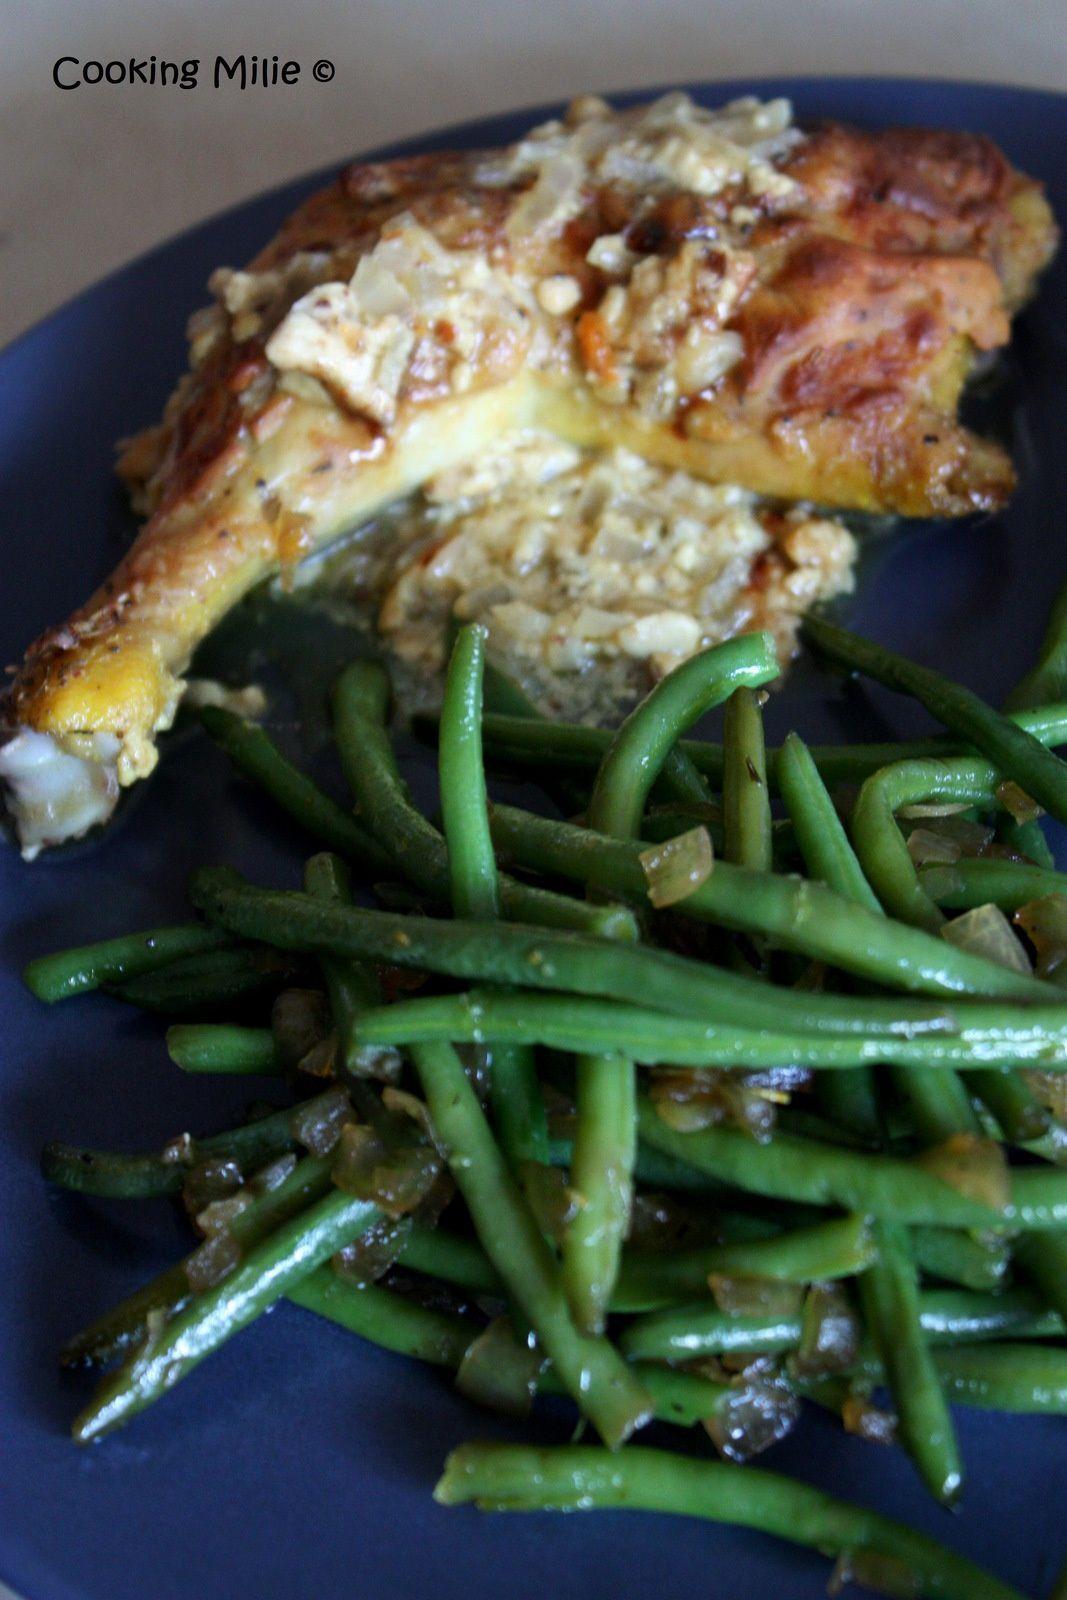 Cuisses de poulet à la moutarde avec des haricots verts et emincés d'oignon confits à la sauce de soja